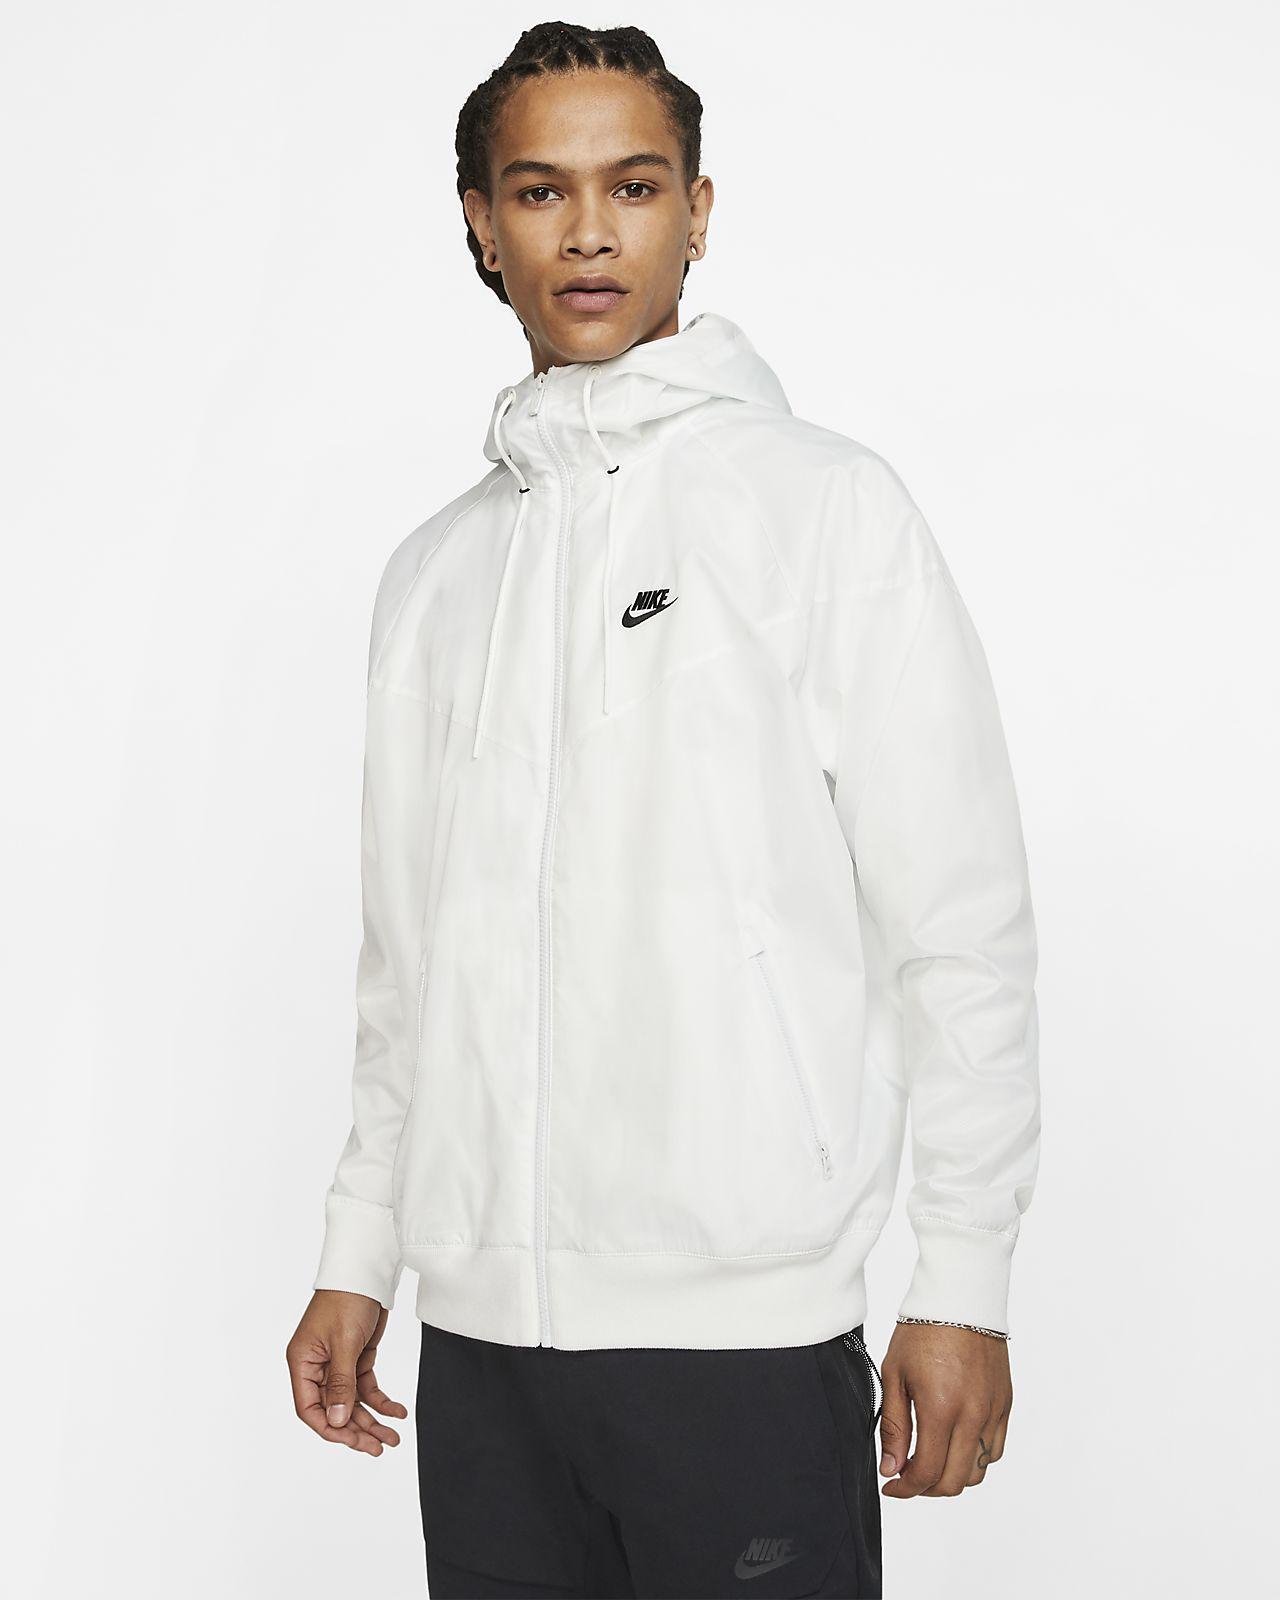 Męska kurtka przeciwwiatrowa z kapturem Nike Sportswear Windrunner